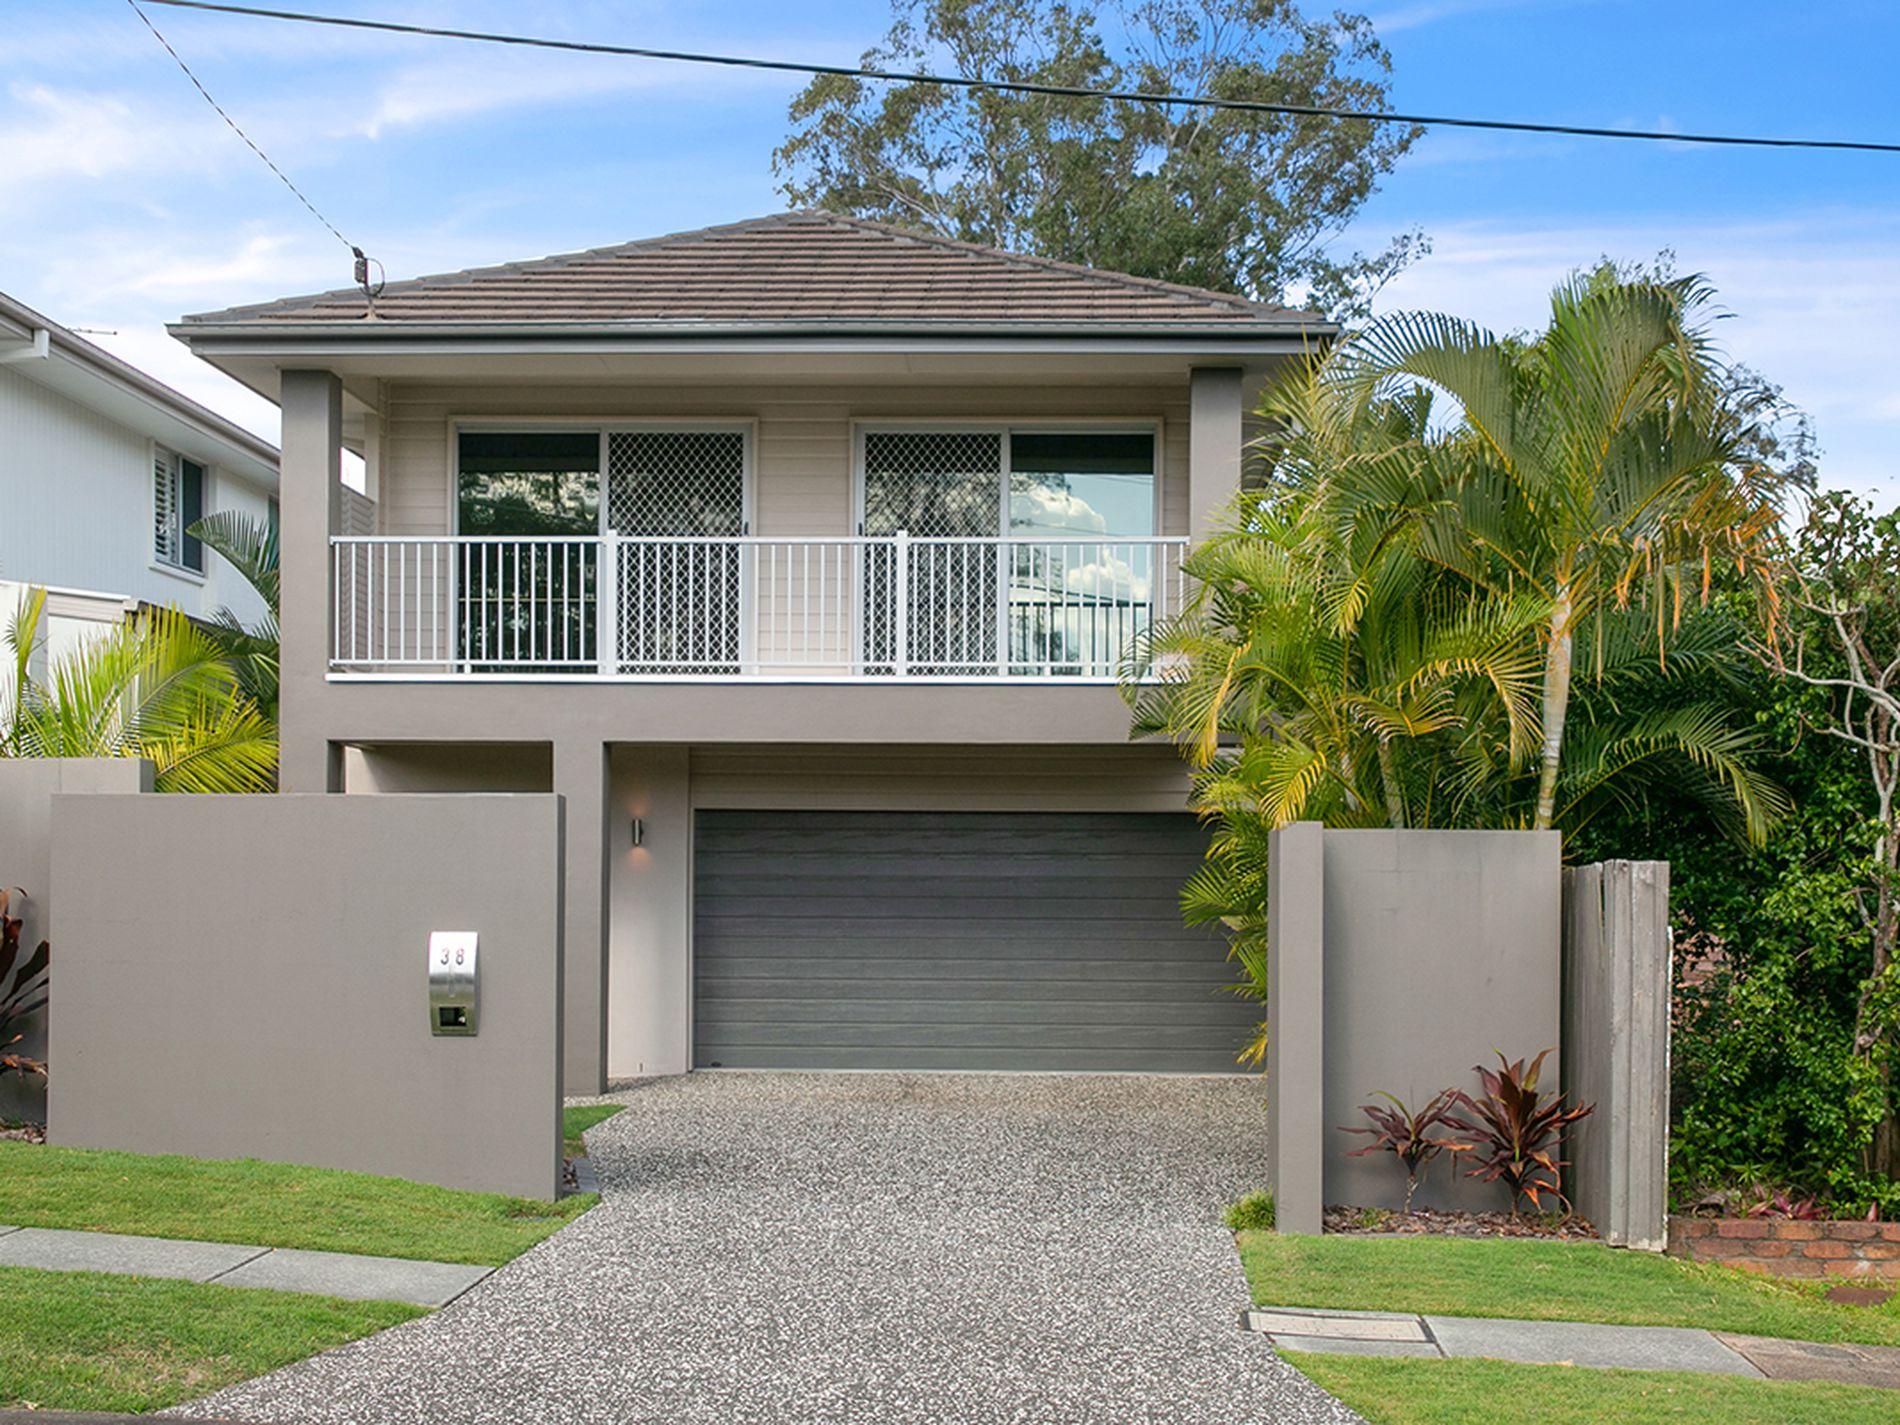 38 Kenmore Road, Kenmore | Cathy Lammie Property